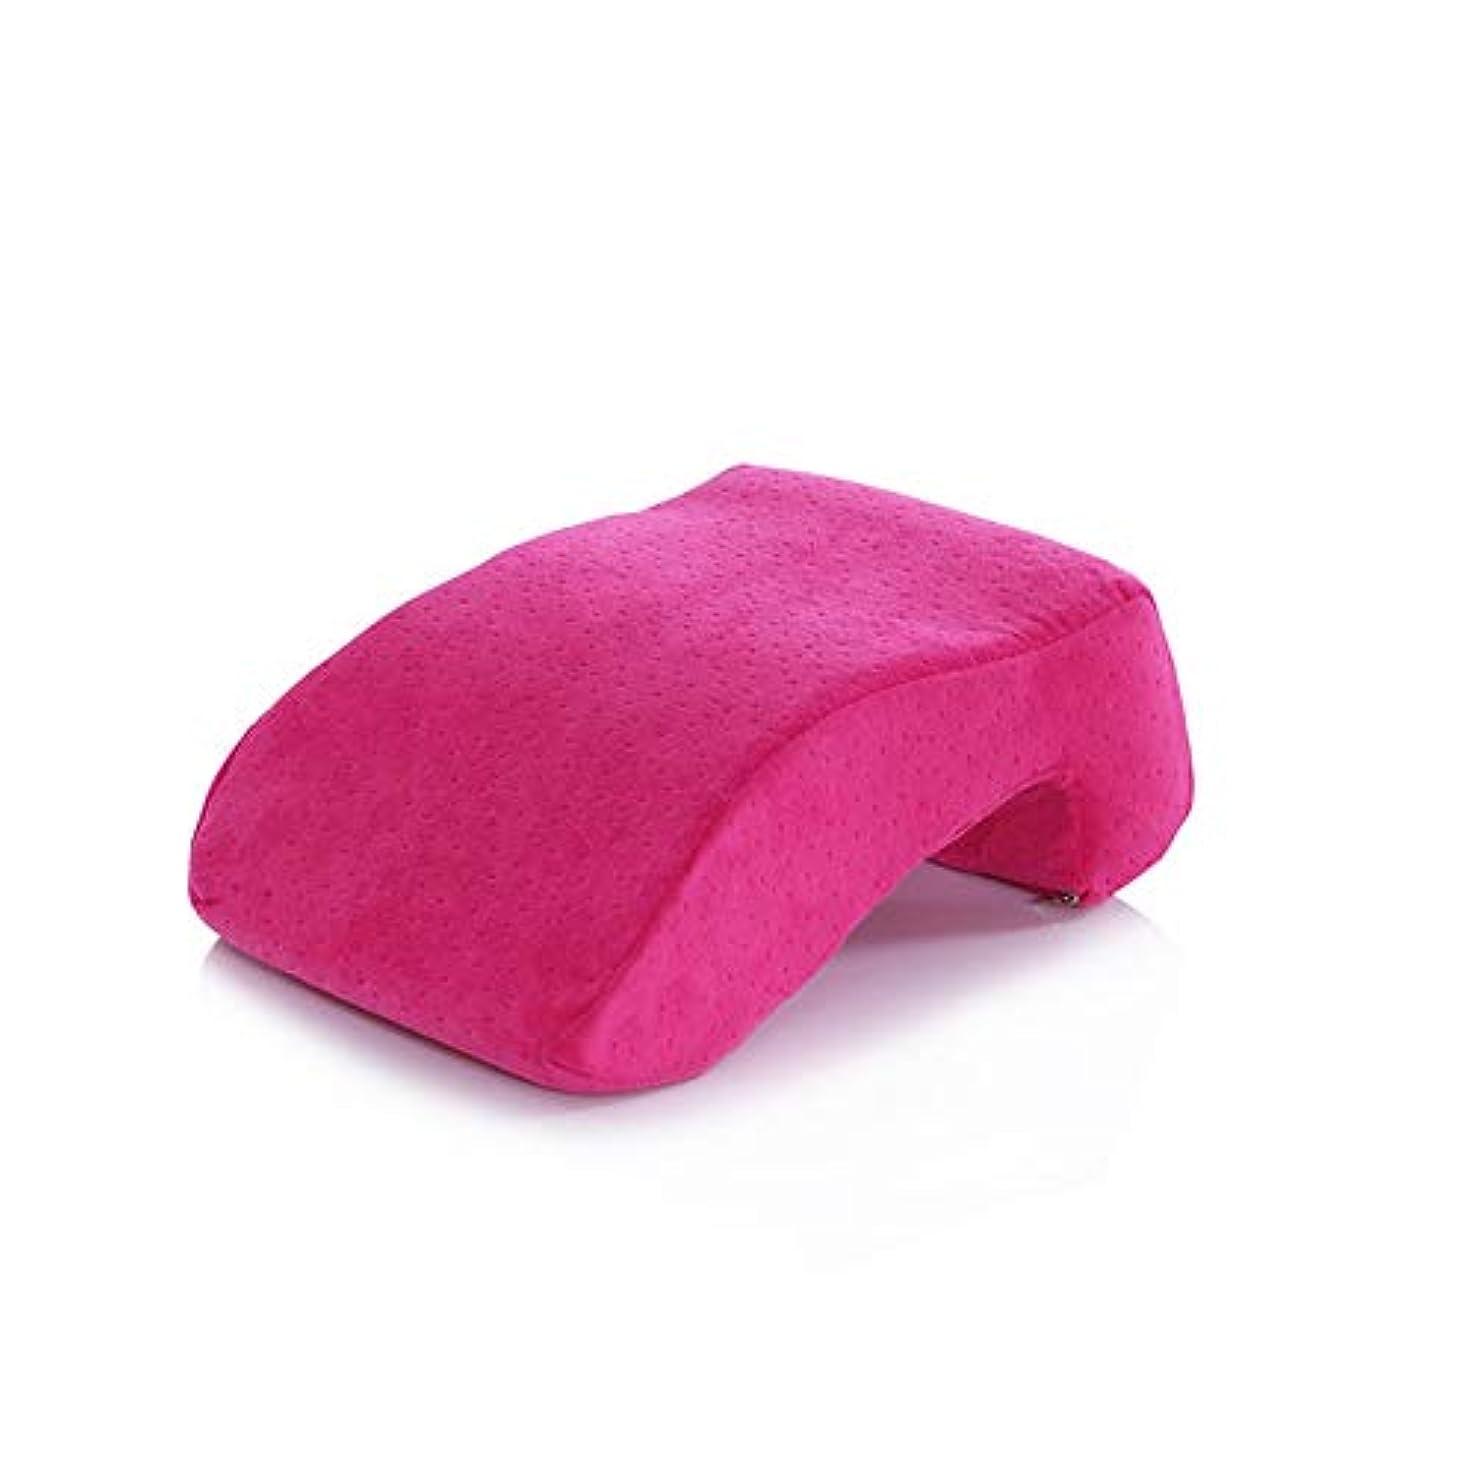 ファッションズボン追加する取り外し可能なキルティングカバーが付いているサポート枕オフィスの休息の枕学生の昼休みの枕